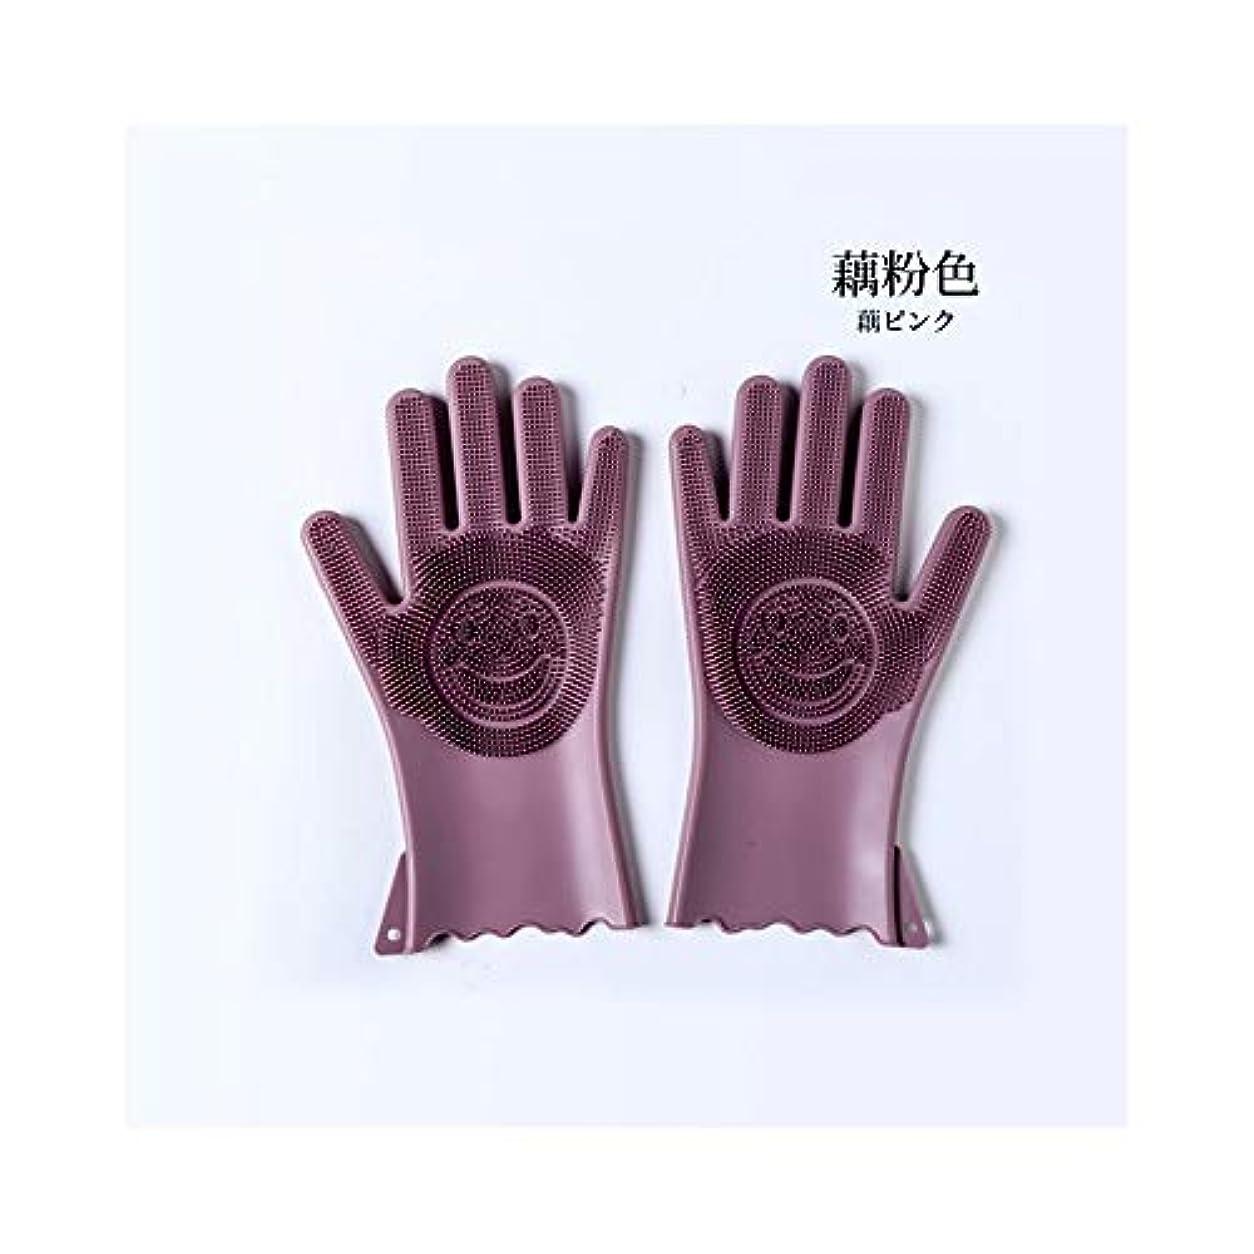 地元寛大さタイル使い捨て手袋 作業用手袋防水厚くて丈夫なシリコーン多機能キッチン家庭用手袋 ニトリルゴム手袋 (Color : PINK, Size : M)